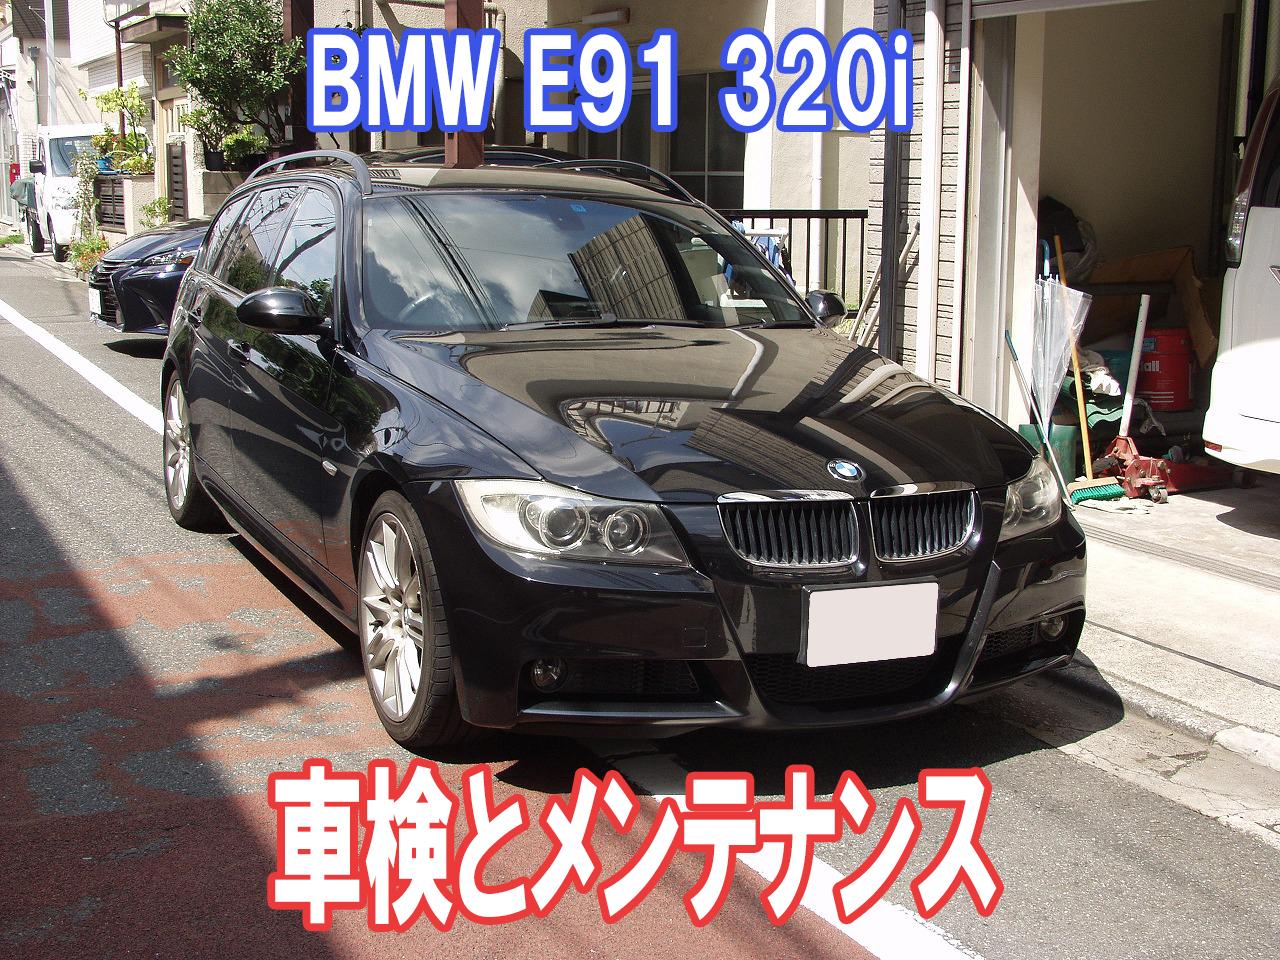 BMW 320i (E91)車検とメンテナンス画像